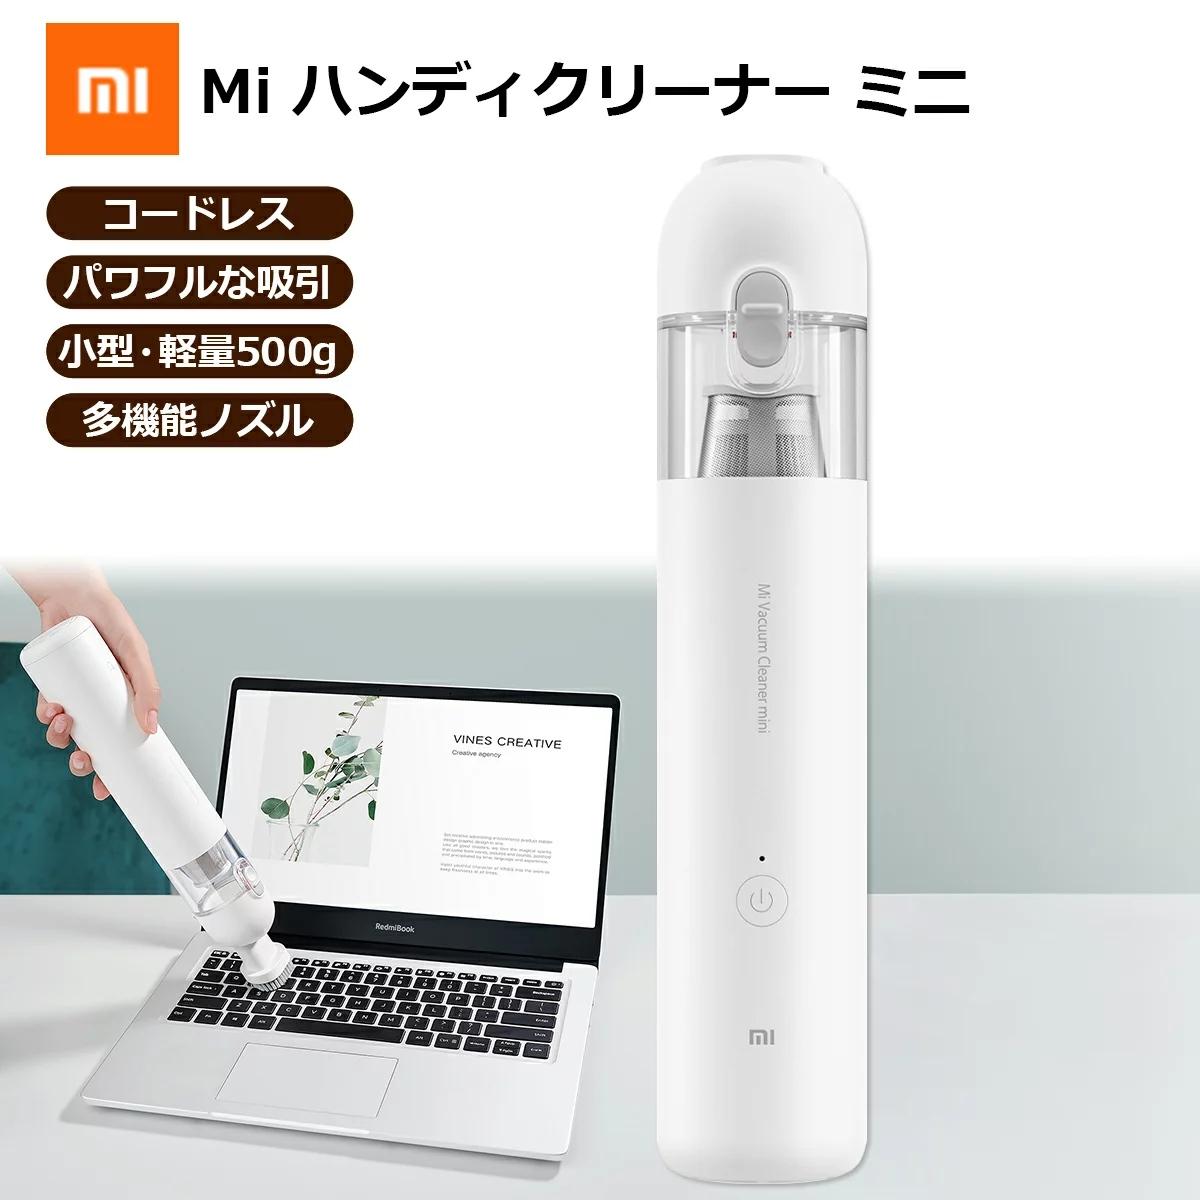 Xiaomi Mijia ハンディ掃除機